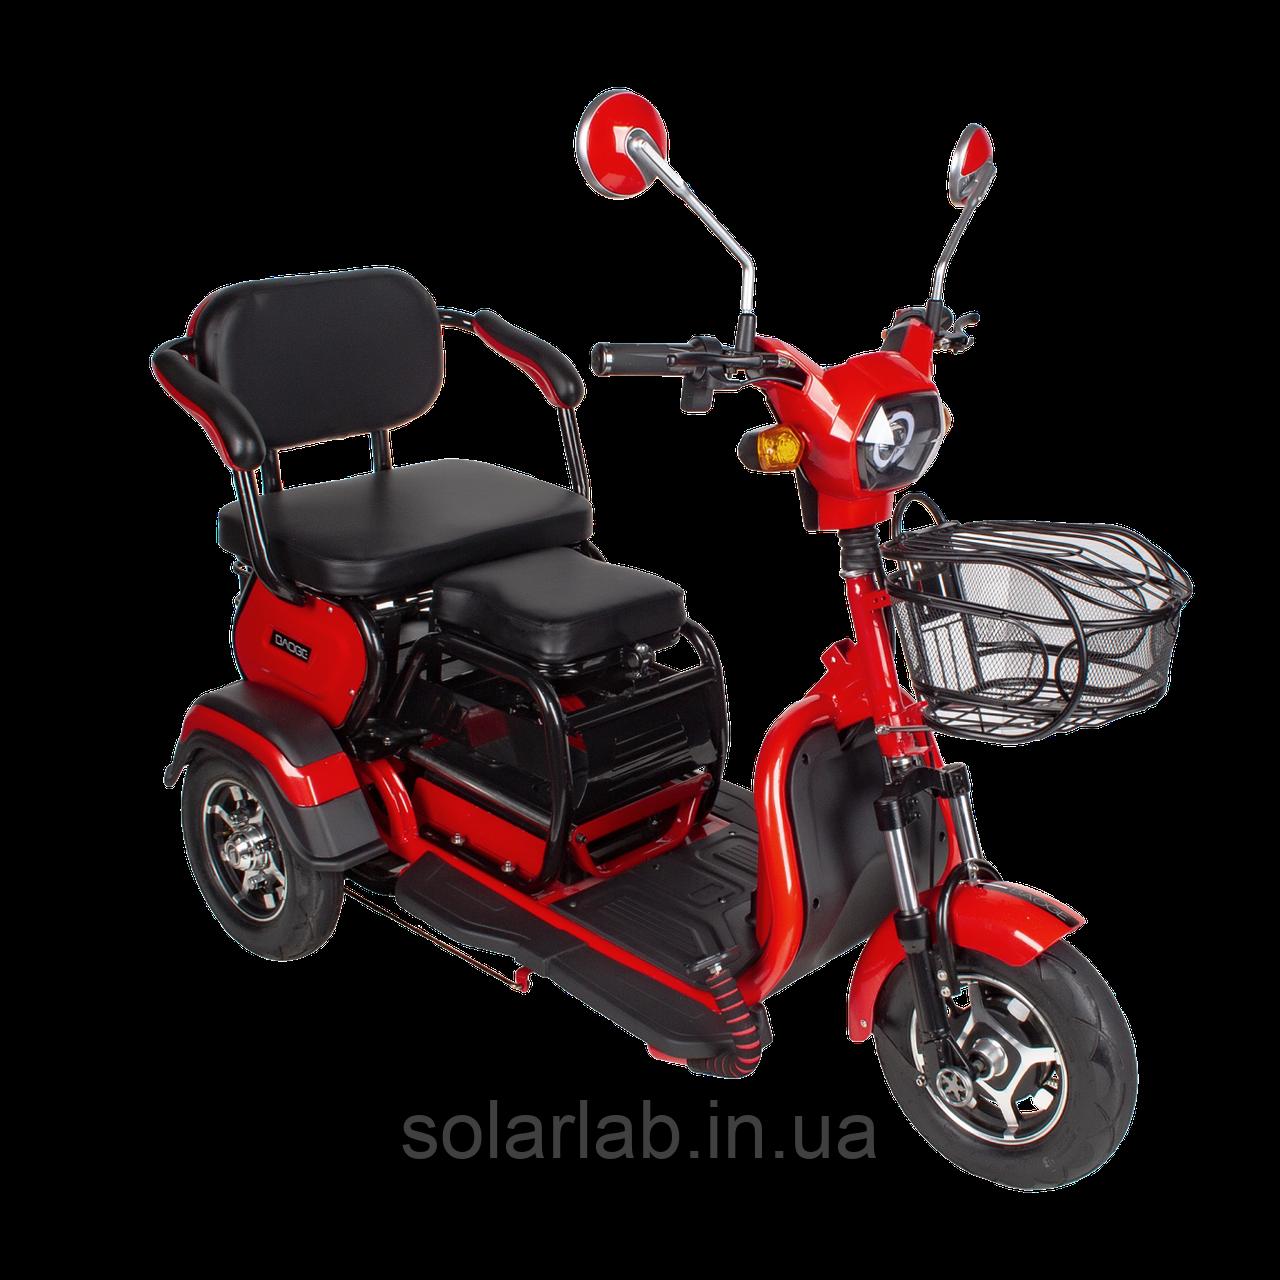 Электрический мопед  AGAMI xk 500W/48V/20AH(GL) (красный)